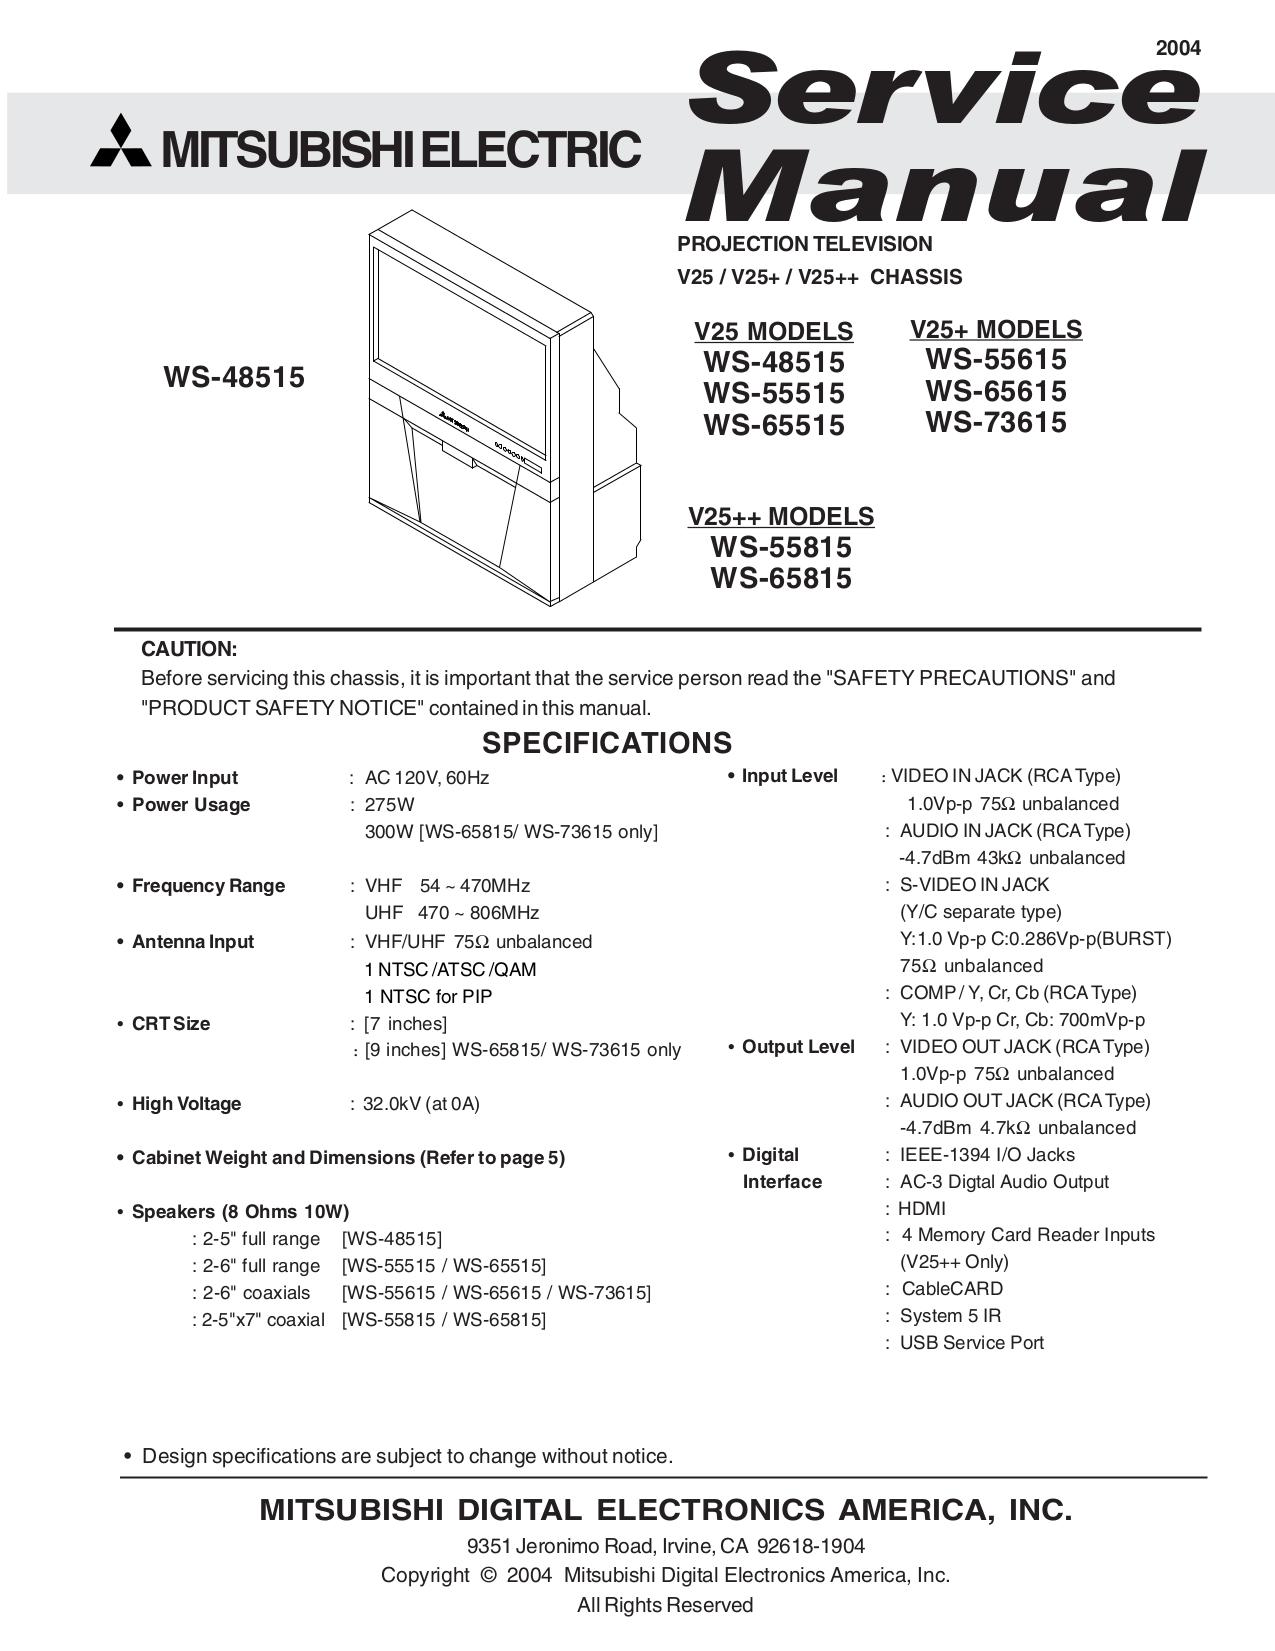 download free pdf for mitsubishi ws 55515 tv manual rh umlib com 55 Mitsubishi Flat Screen TV Mitsubishi TV